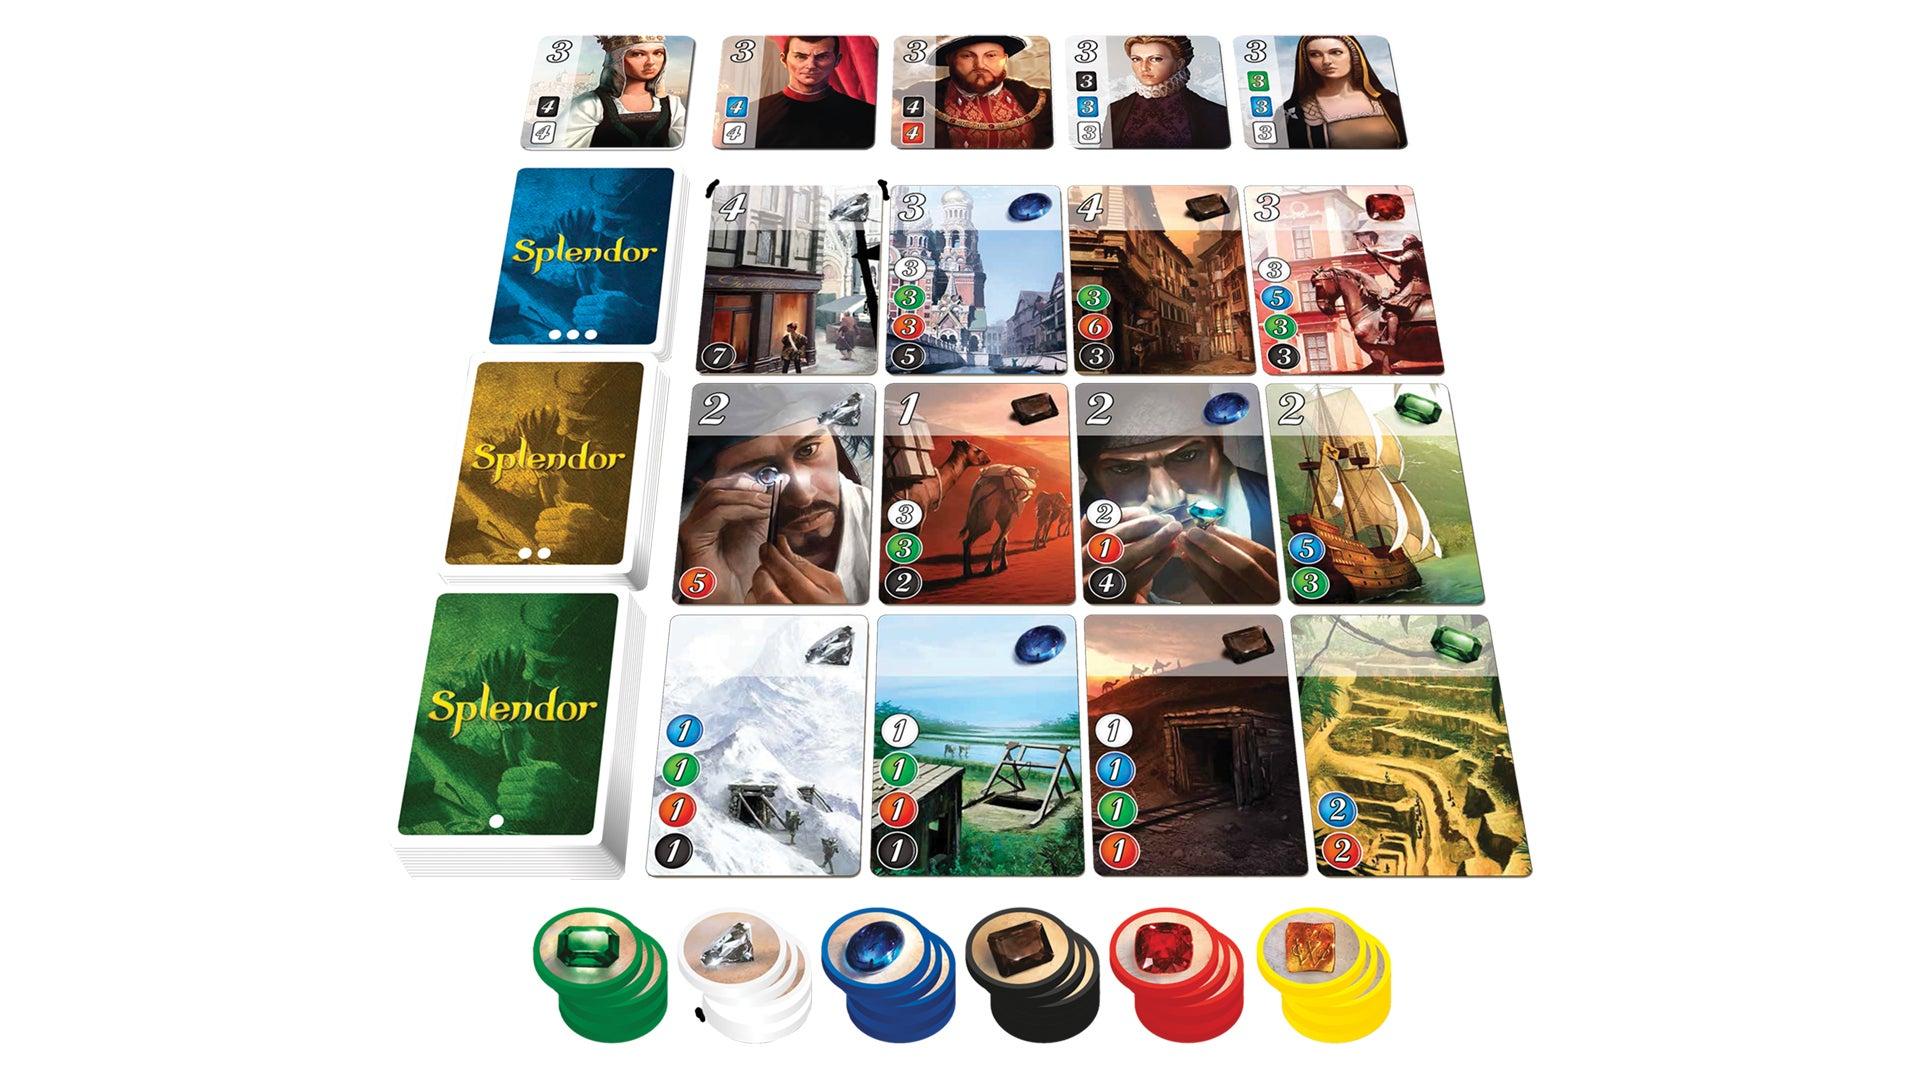 Splendor board game cards